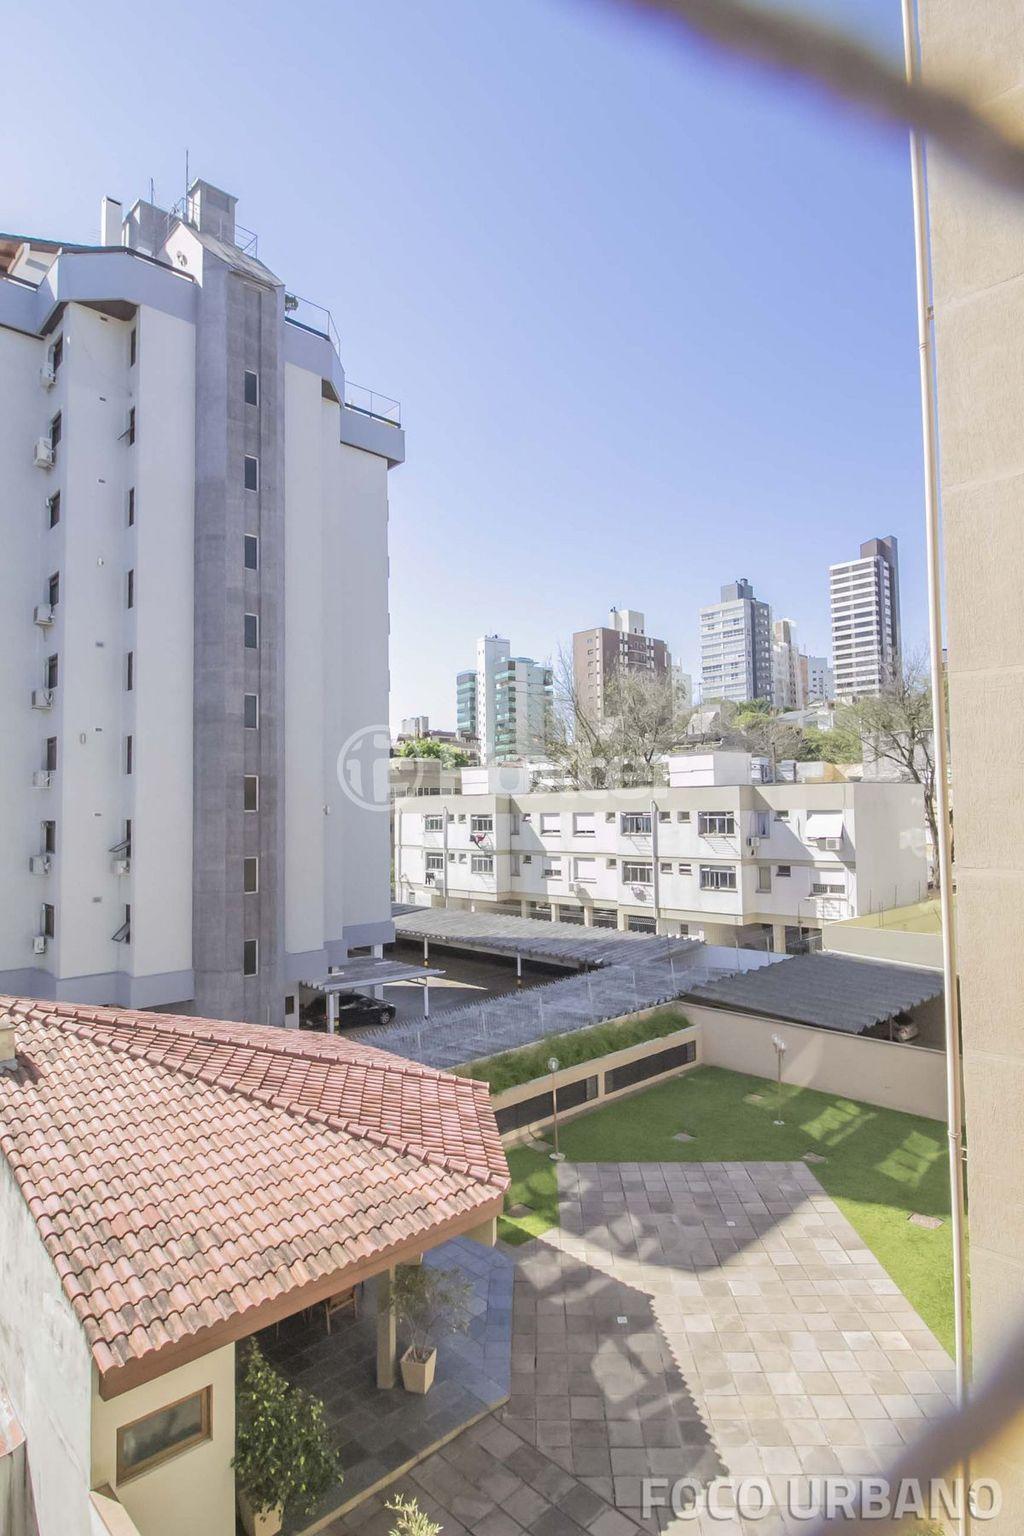 Ana Terra - Cobertura 4 Dorm, Petrópolis, Porto Alegre (6553) - Foto 5